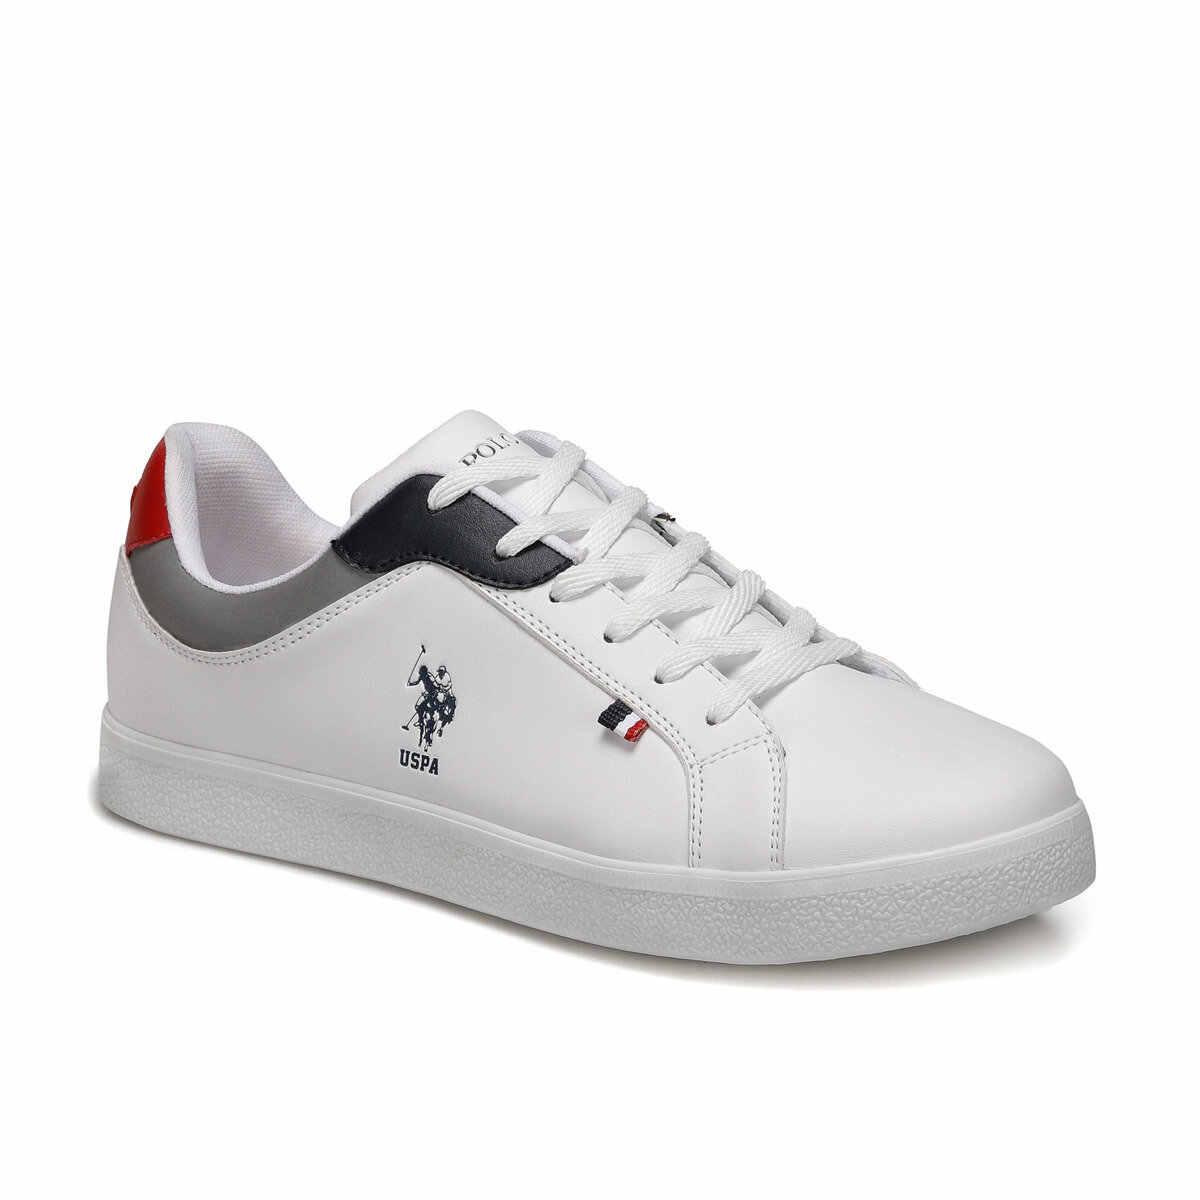 Casual Shoes Men Flat Shoes Lace